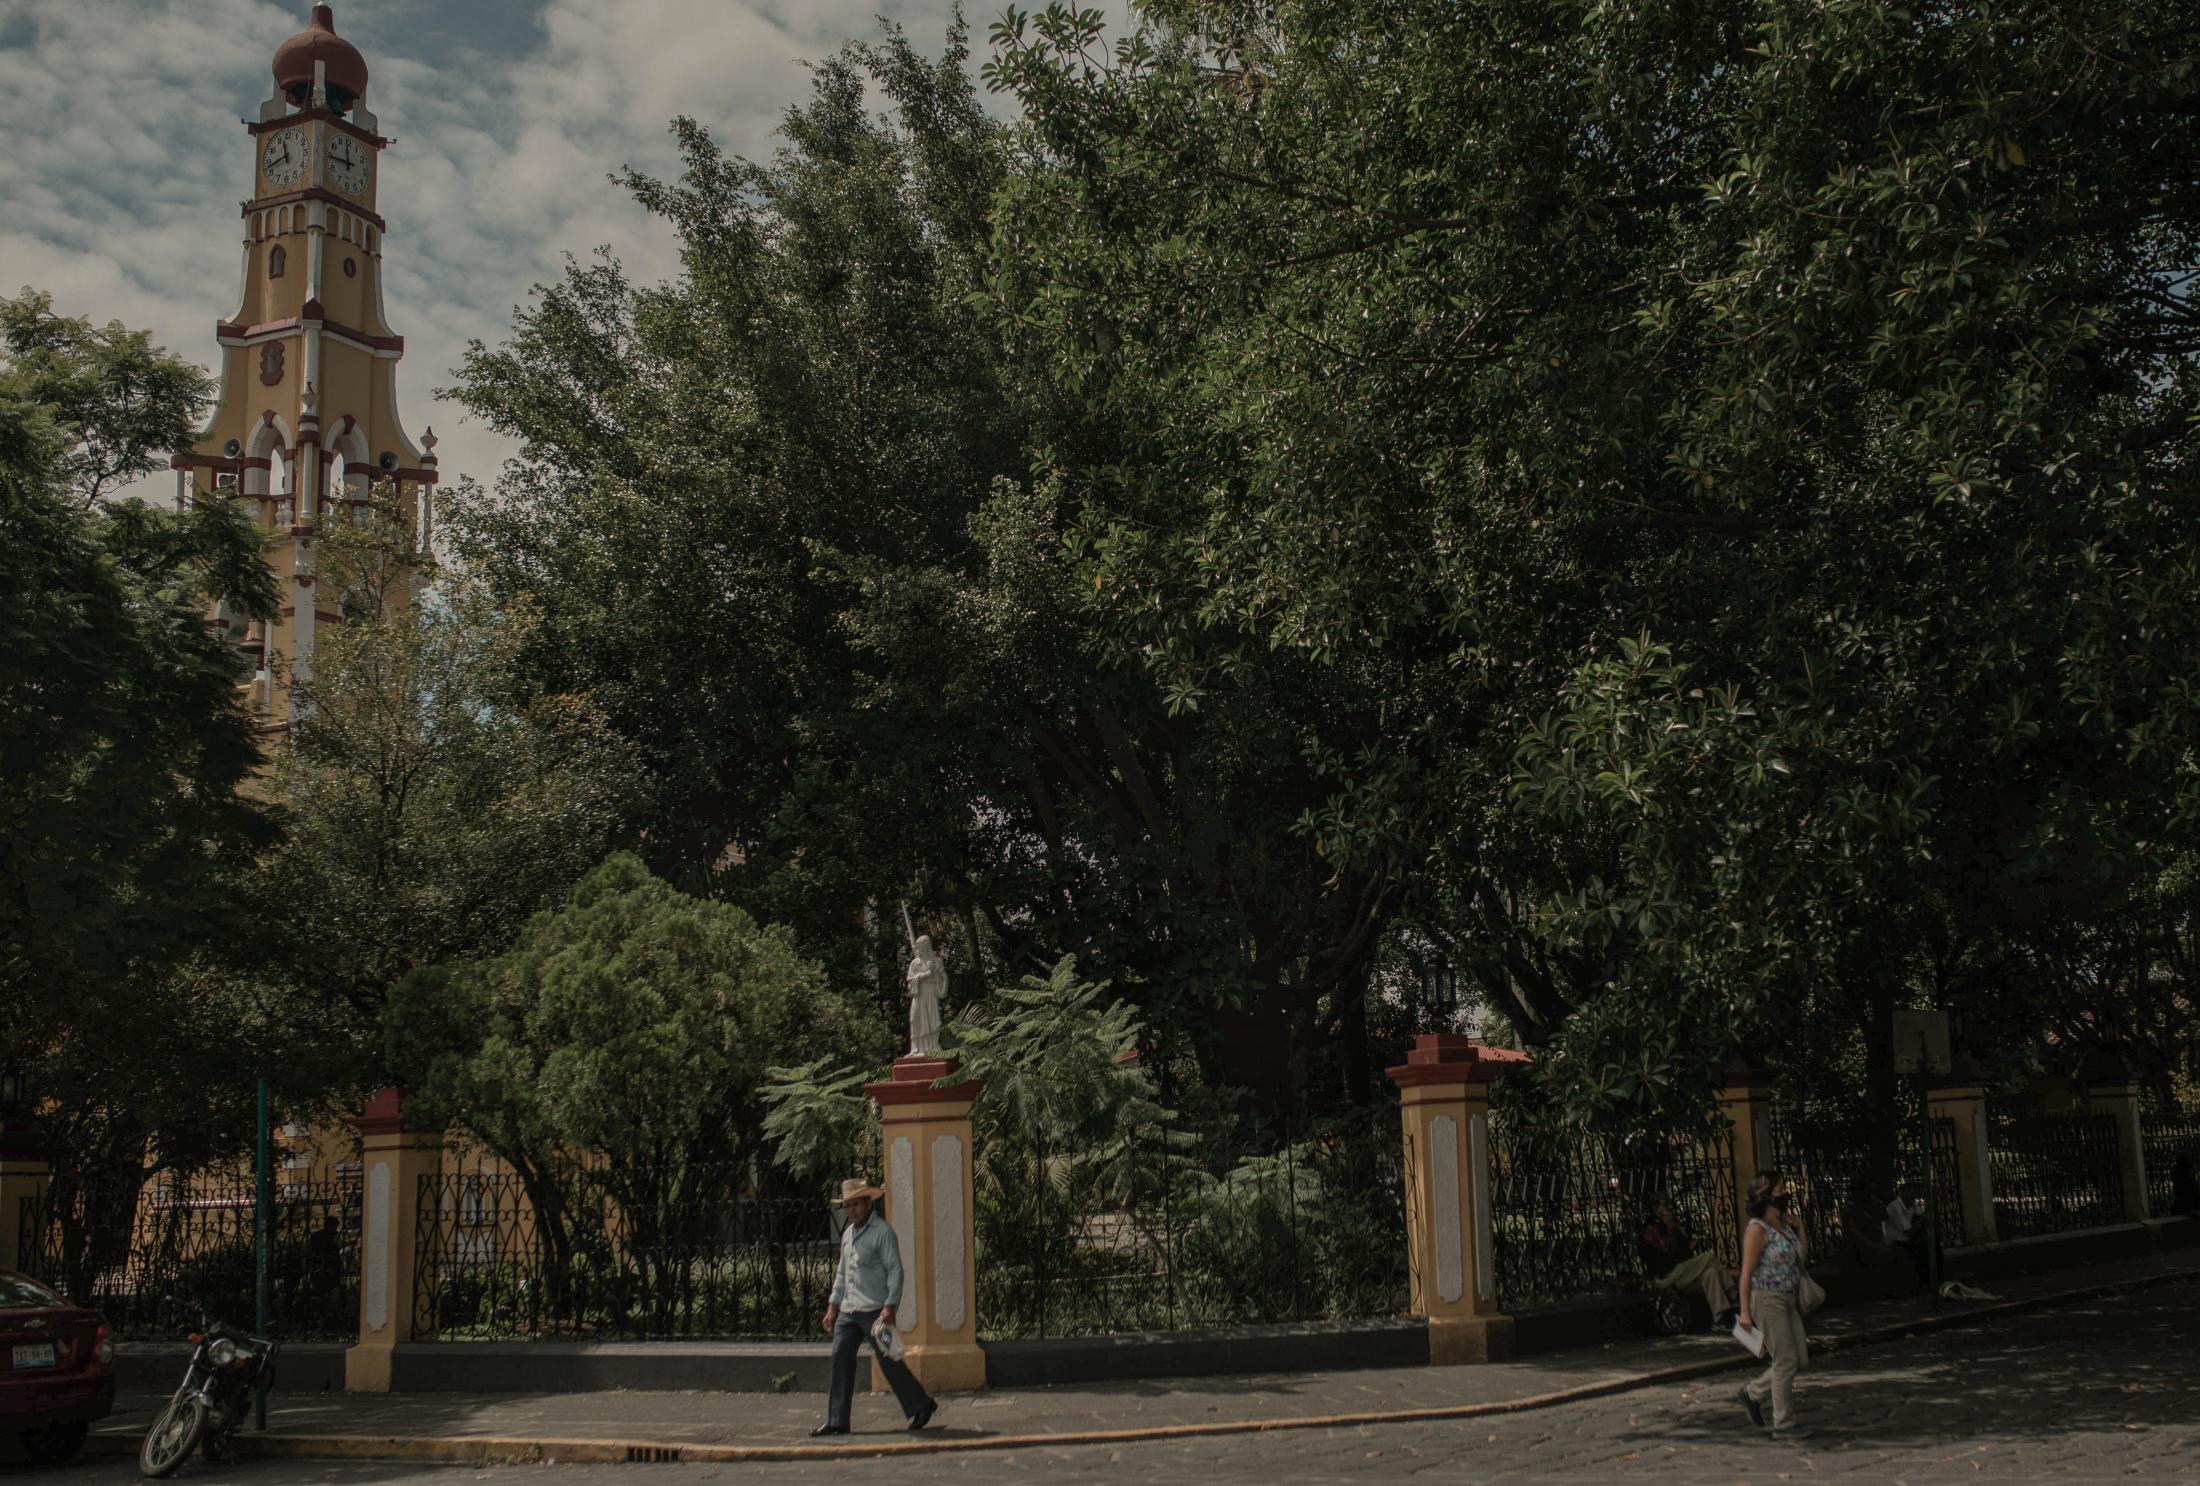 Un par de personas caminan por el centro de Coatepec, Veracruz, el 17 de Agosto de 2020. Coatepec ha sido por muchos años una de las principales regiones cafetaleras de México, sin embargo, la mancha urbana ha obligado a que las fincas ocupen los espacios periféricos e incluso salir del municipio a lugares más alejados de la ciudad.